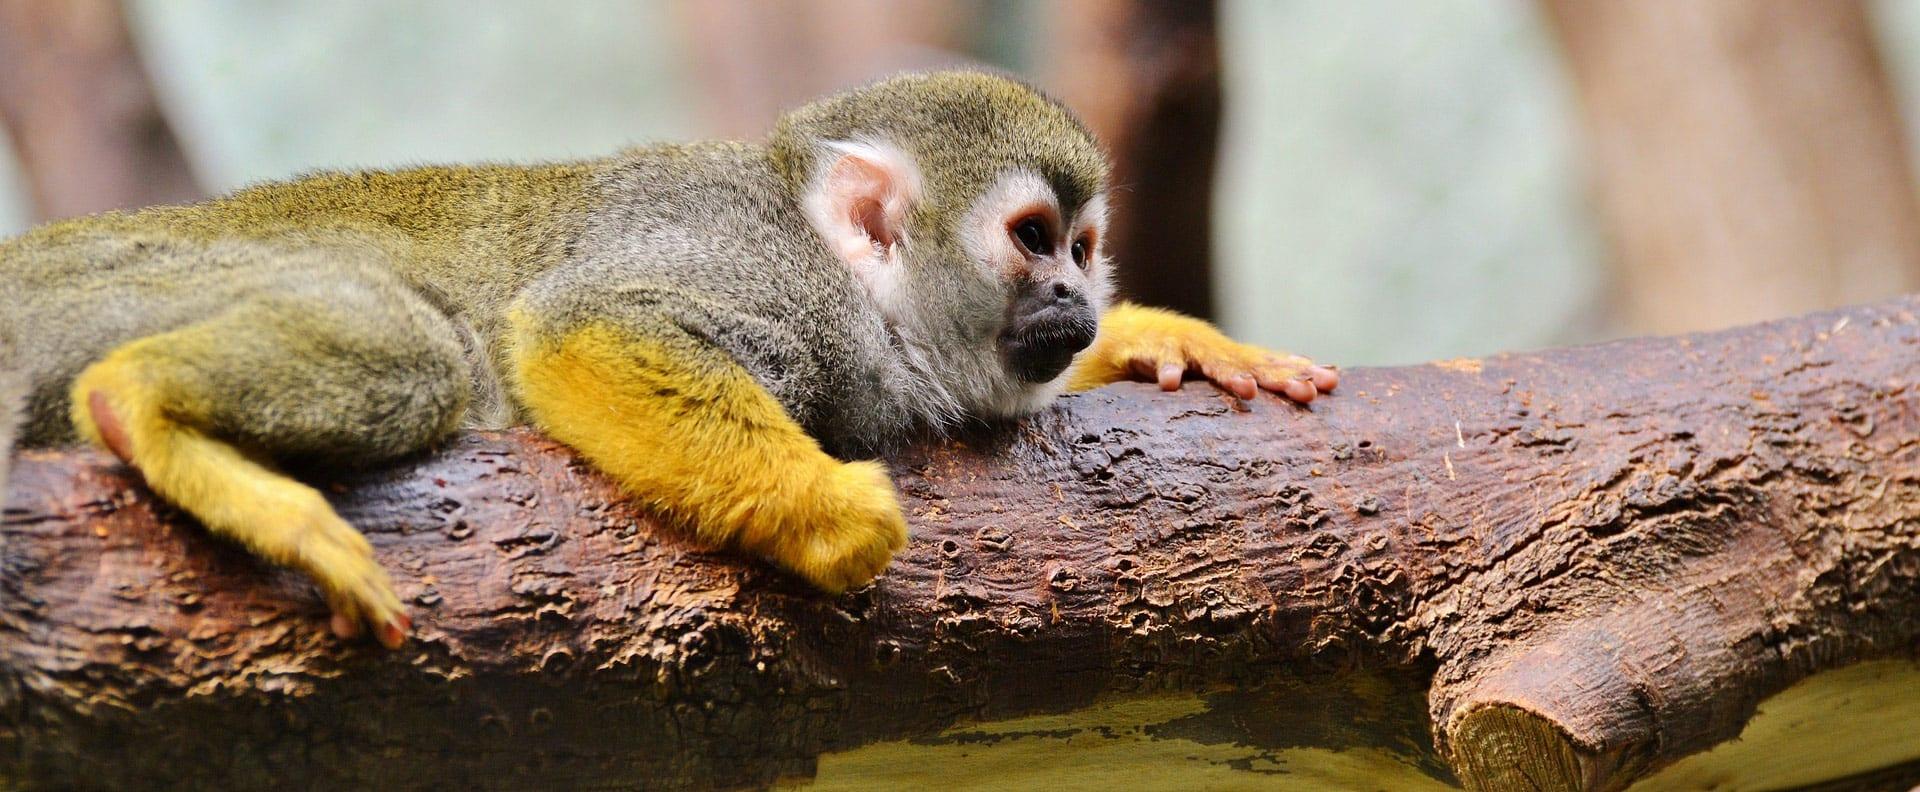 Capuchin Monkey by the Panama Canal